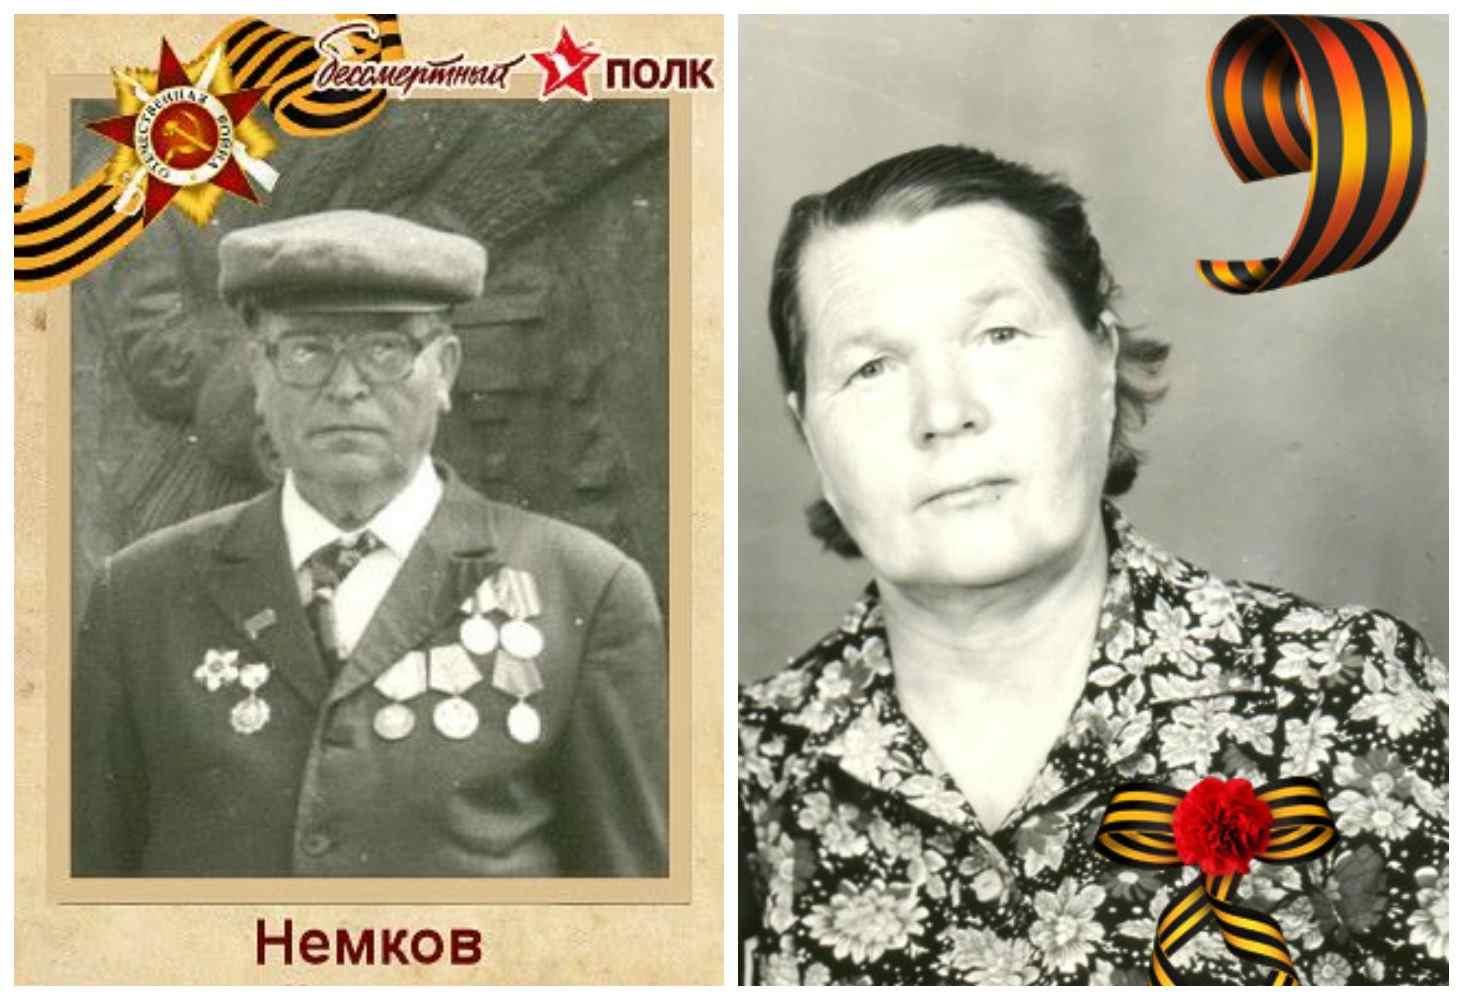 moi-geroi-grigorij-nemkov-i-fedosya-nemkova